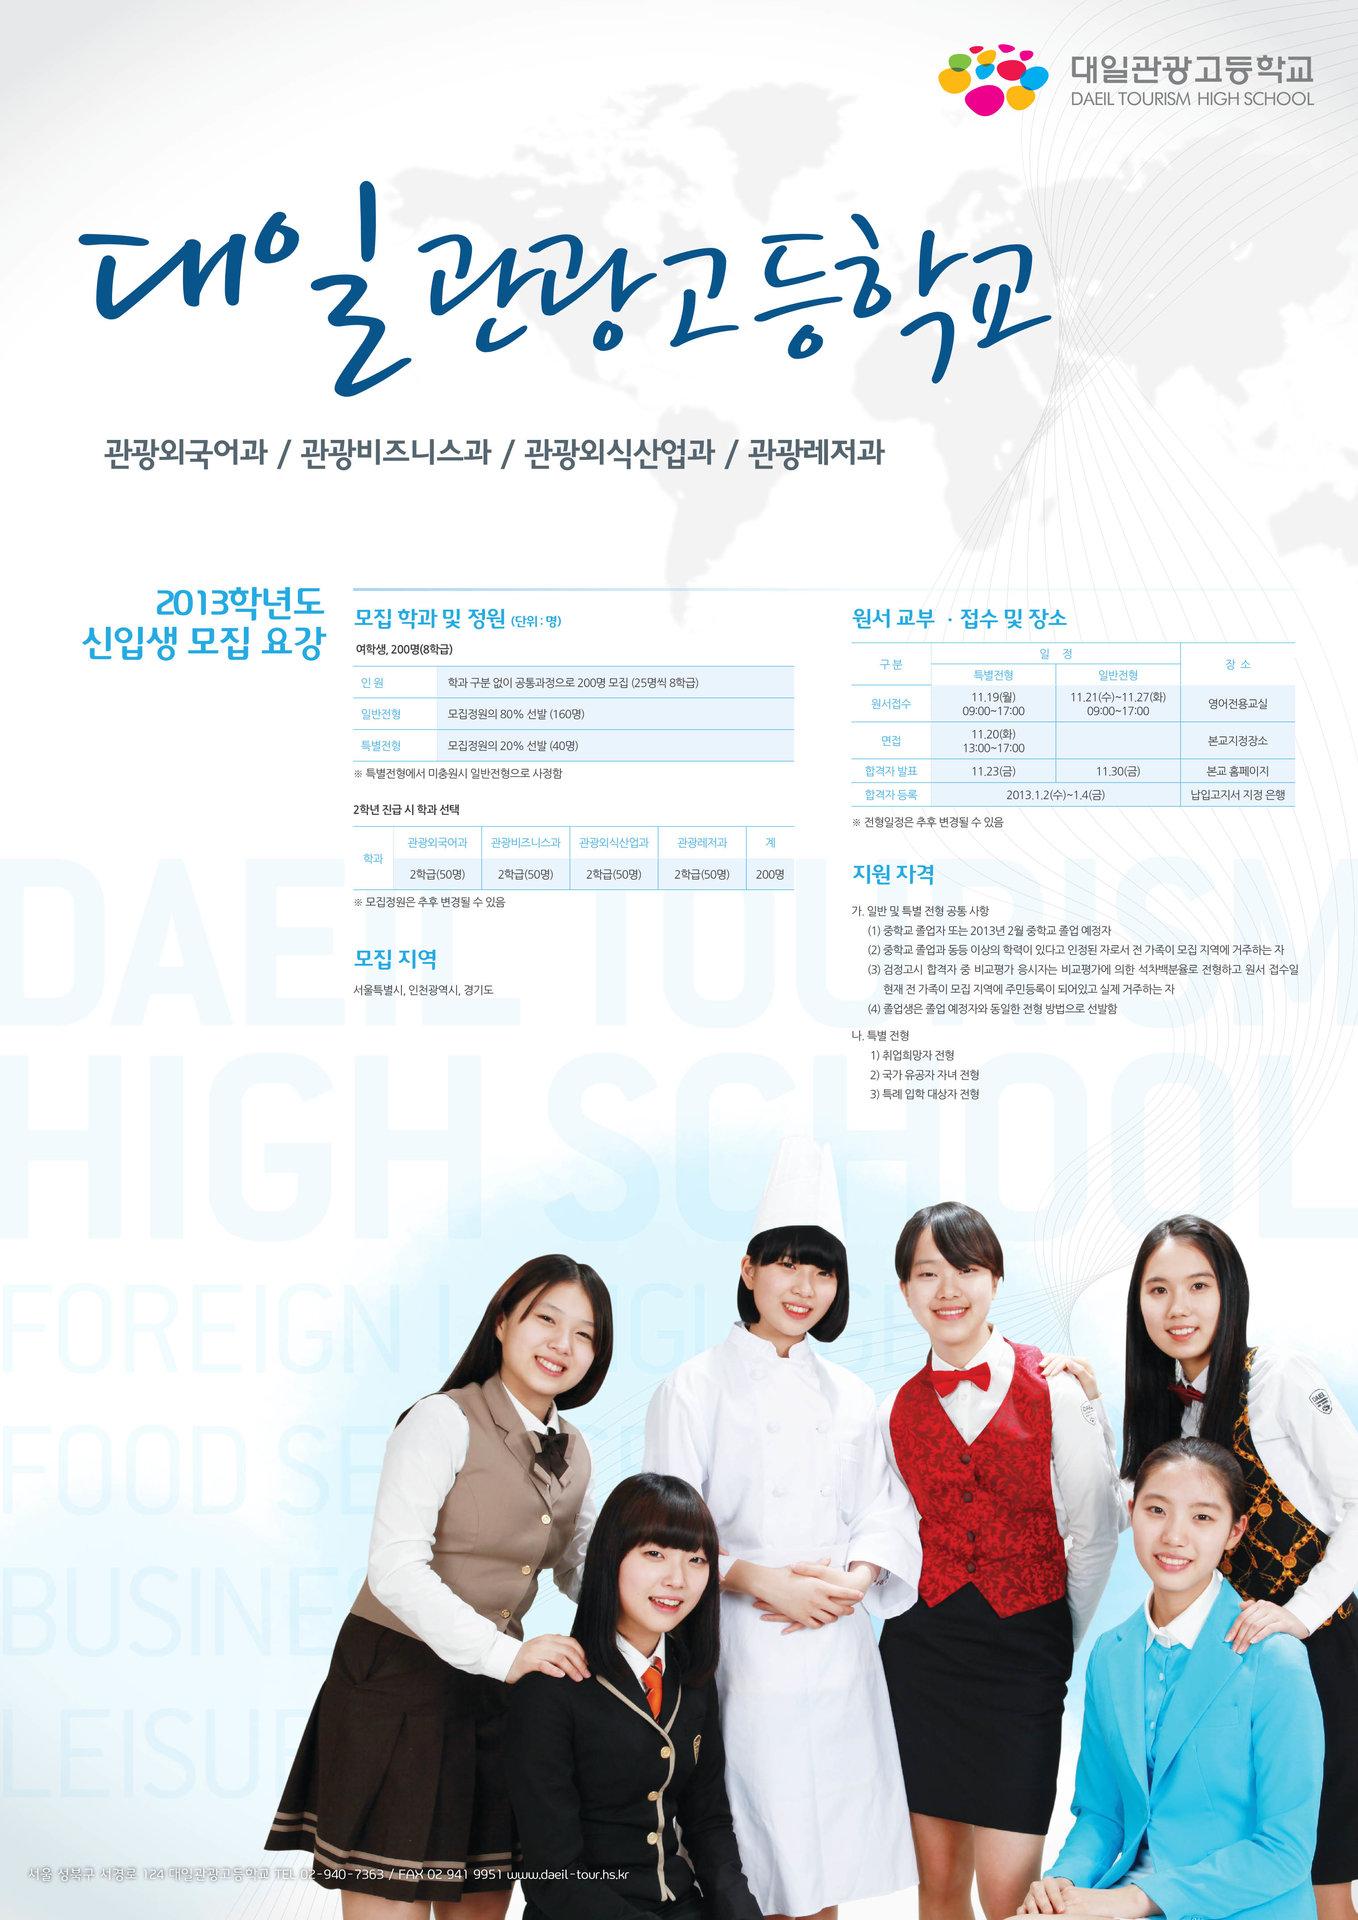 대일관광고 2012 홍보 포스터.jpg